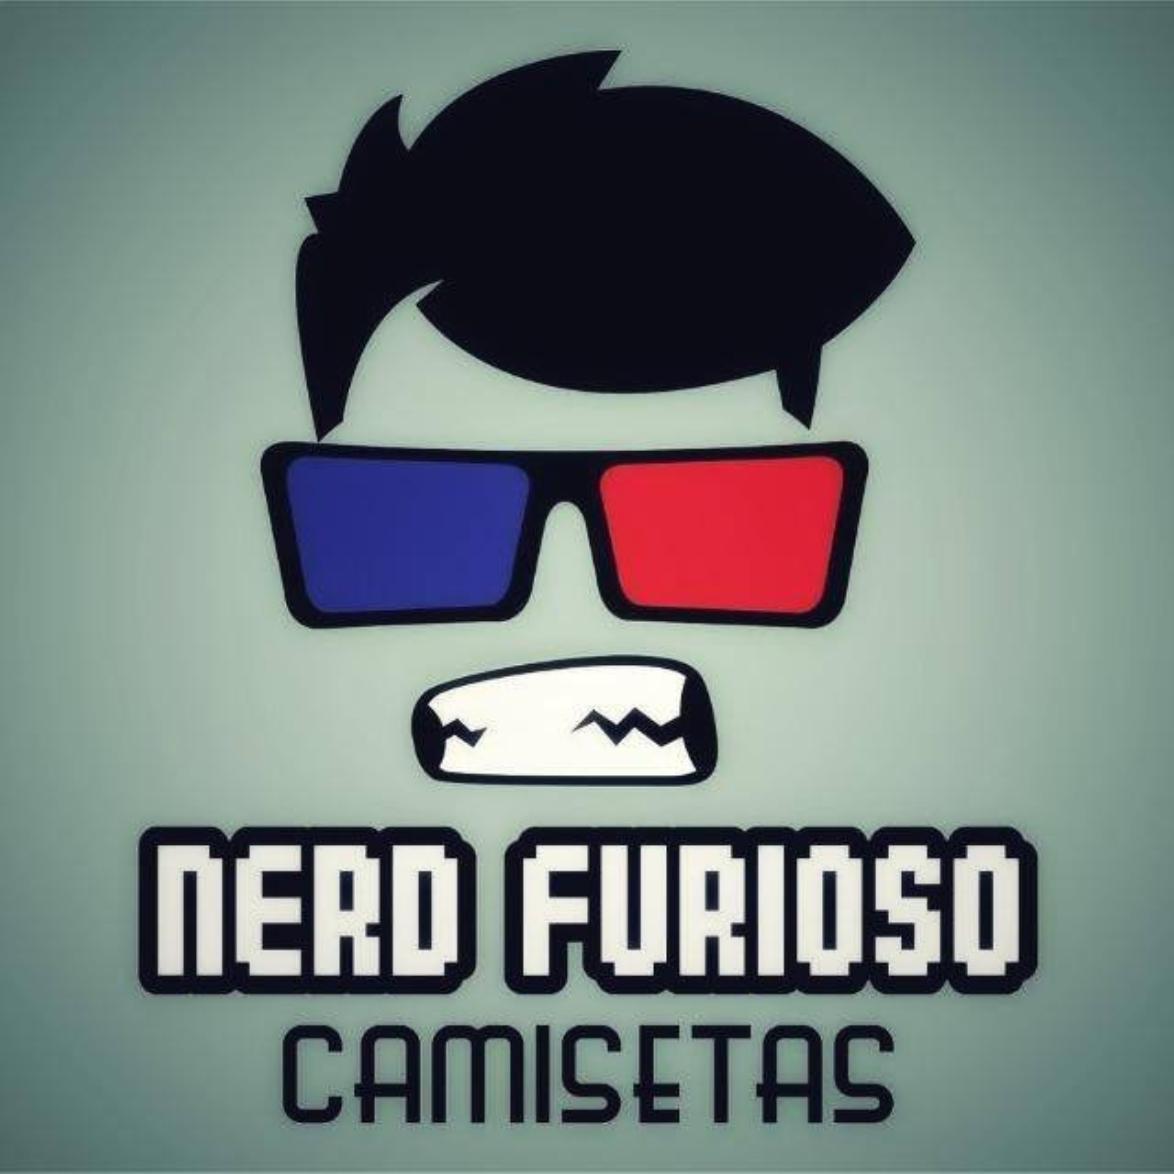 Nerd Furioso Camisetas - Serigrafia